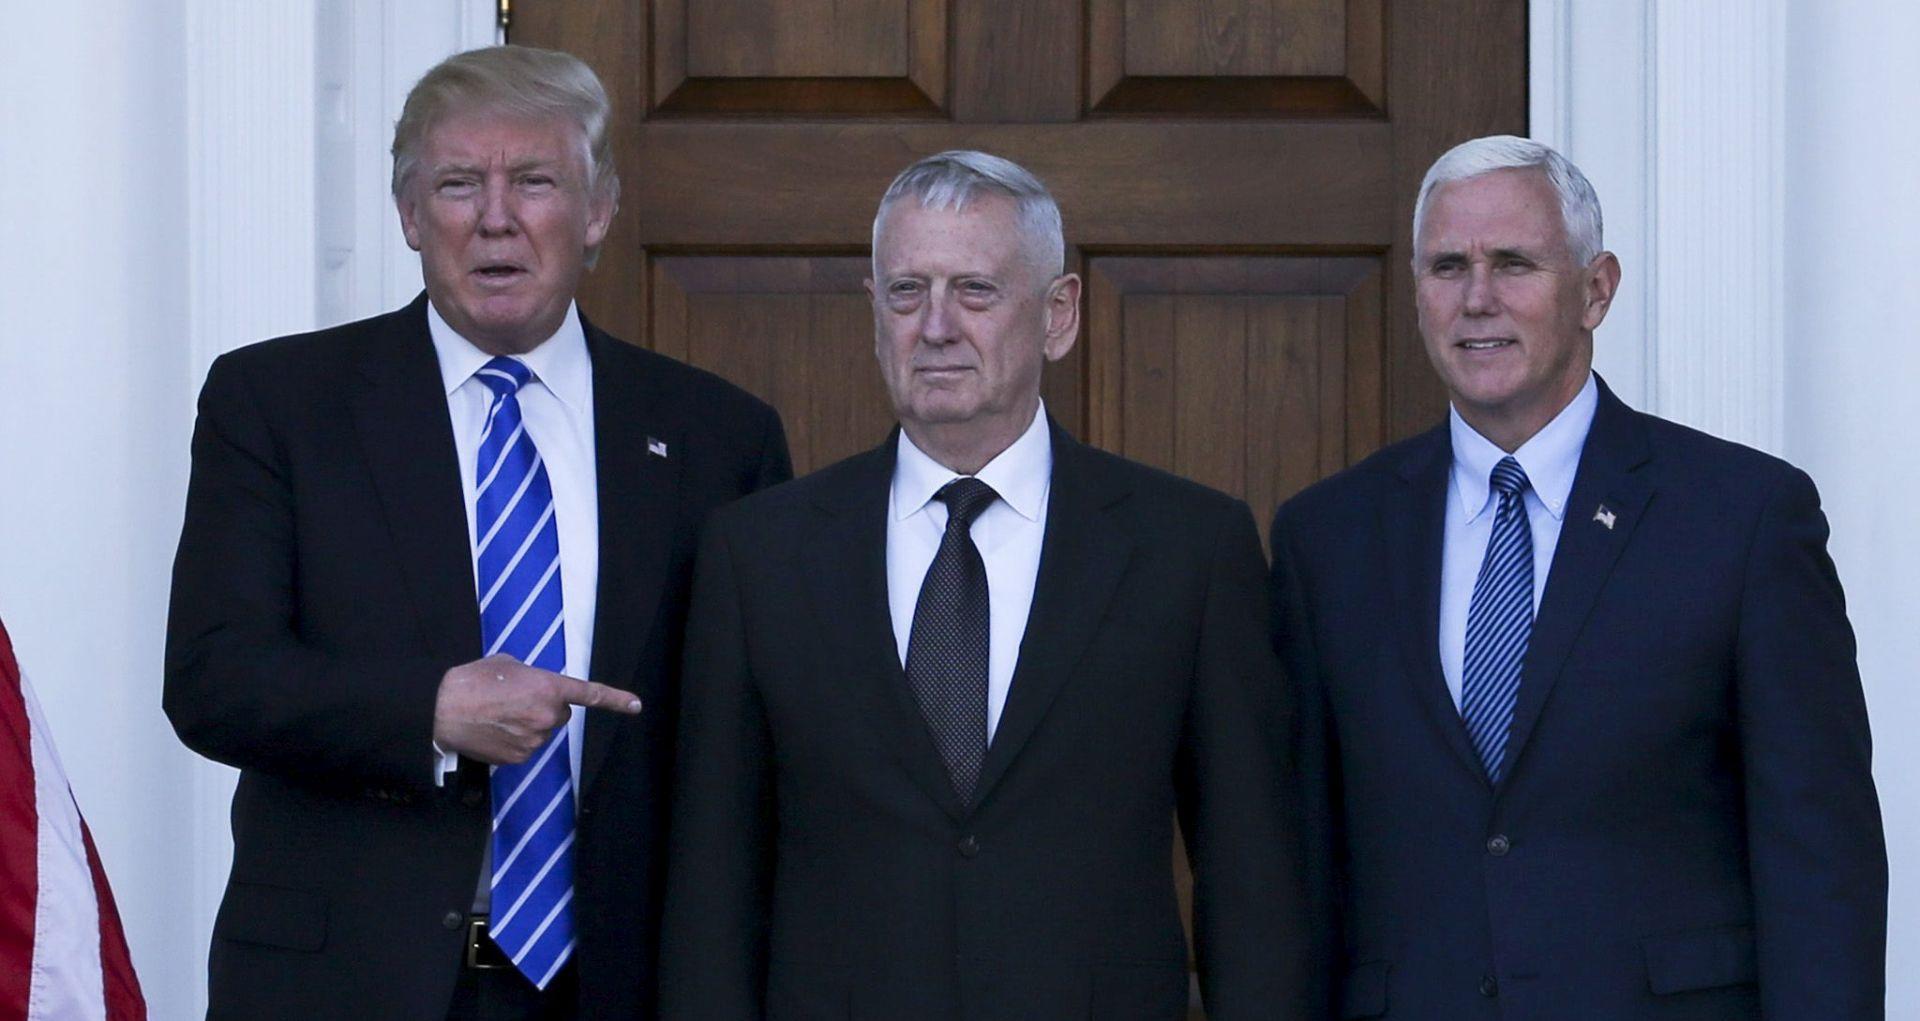 """'LUDI PAS' Trump imenovao Mattisa ministrom obrane: """"On je najbolje što imamo"""""""